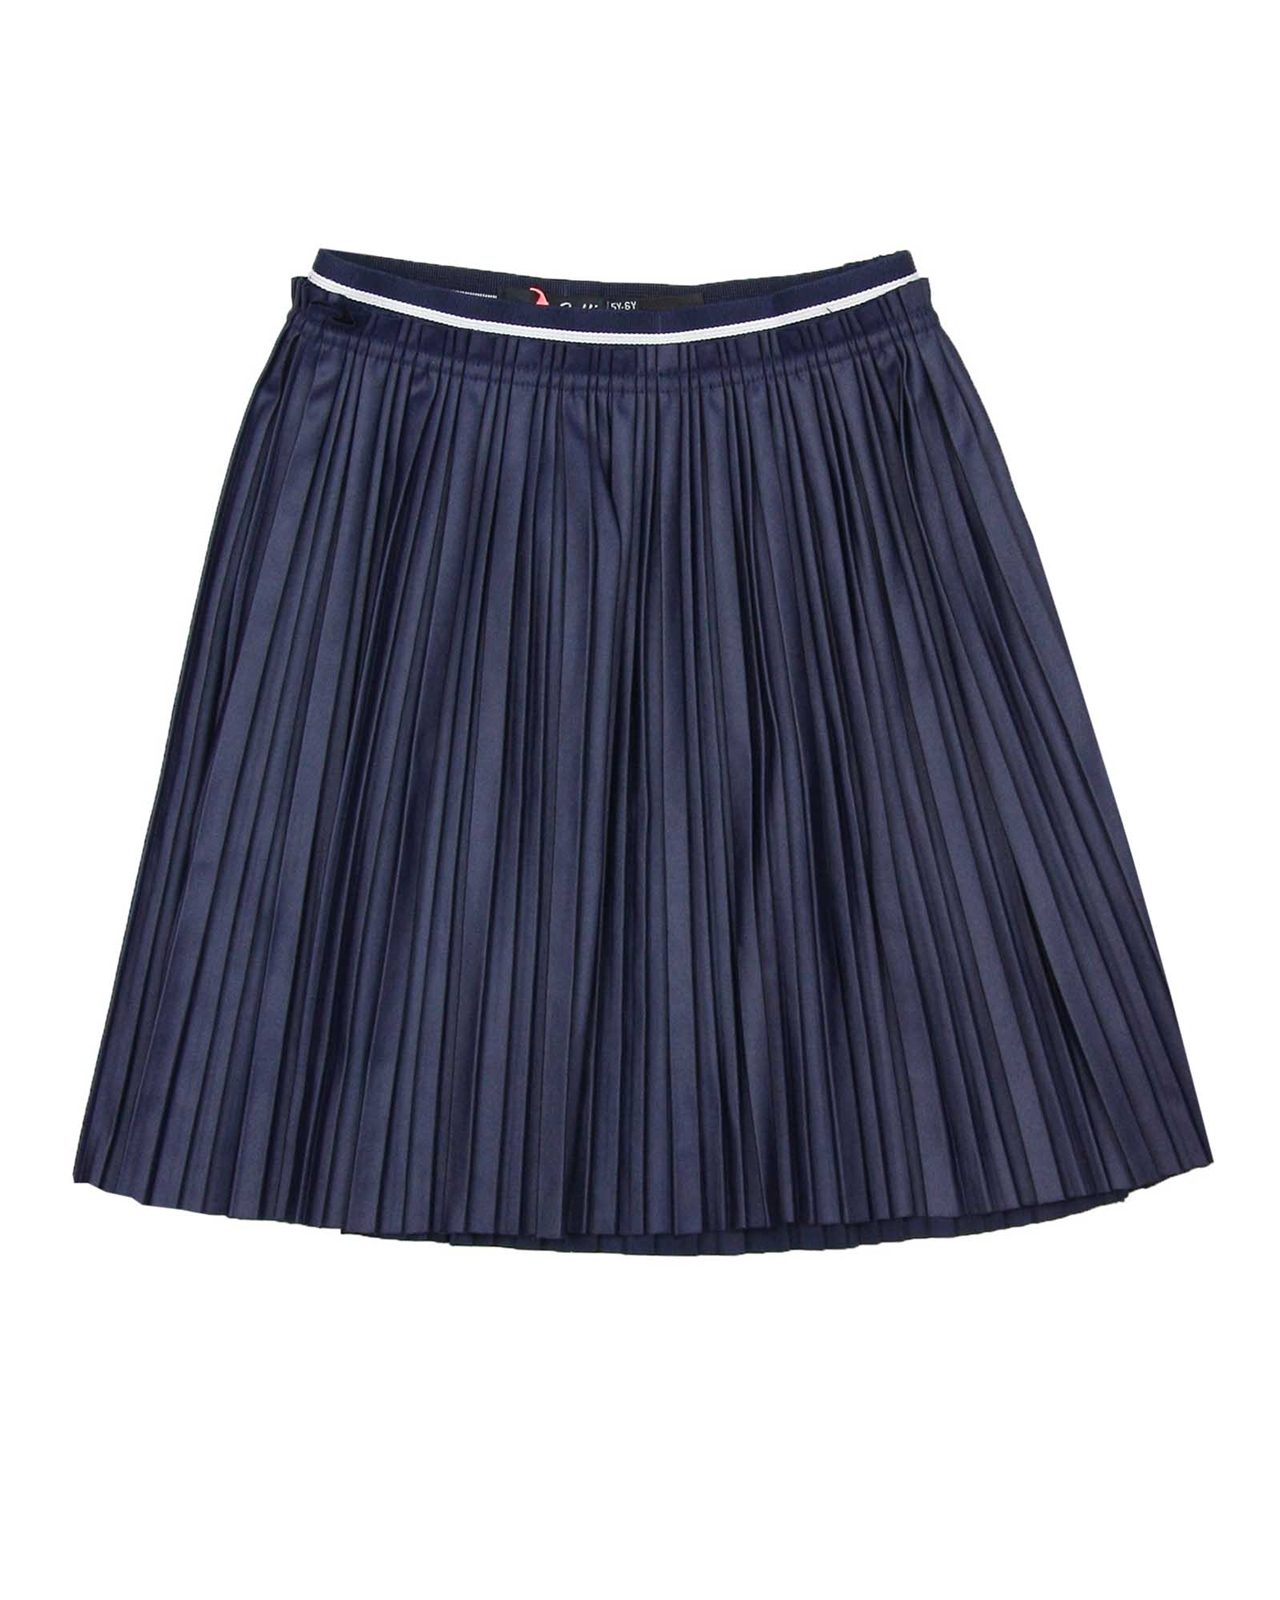 214c643494 NoBell Junior Girl's Plisse Skirt - NoBell - NoBell Spring/Summer 2018